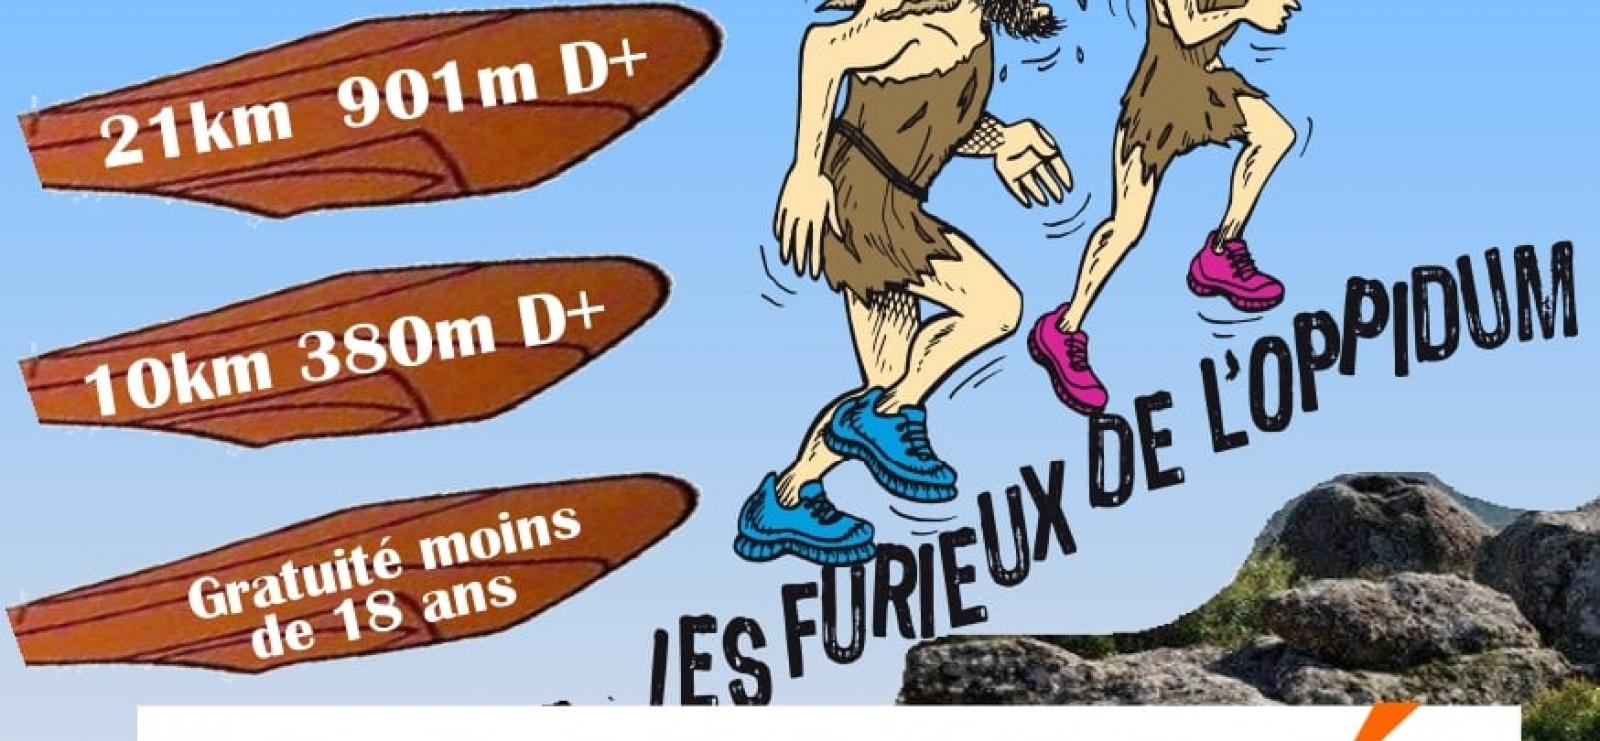 Affiche annulée Trial Les Furieux de l'Oppidum